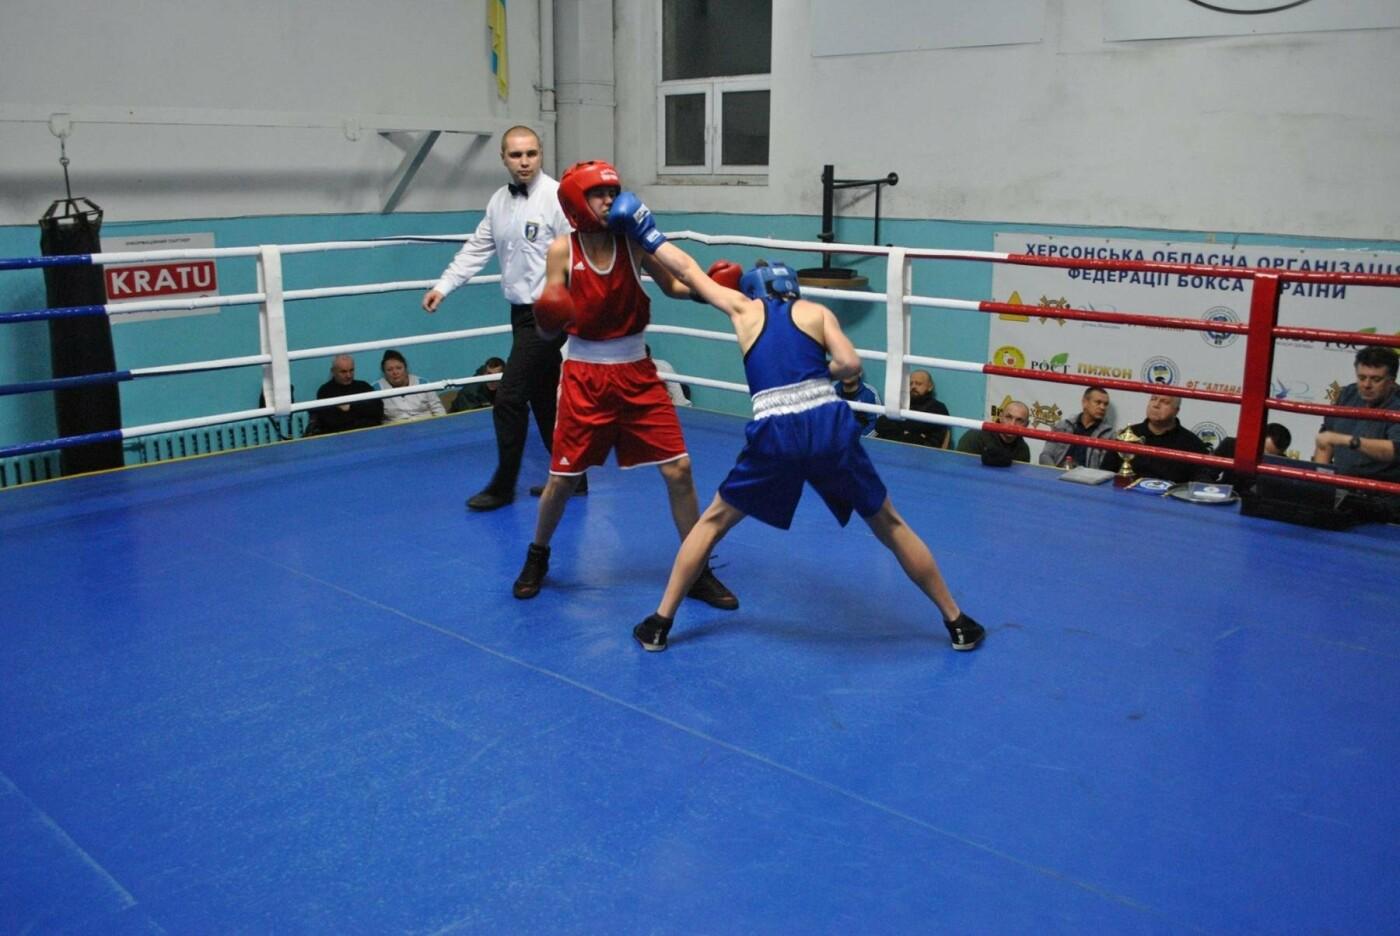 В Херсоне завершился открытый чемпионат области по боксу, фото-1